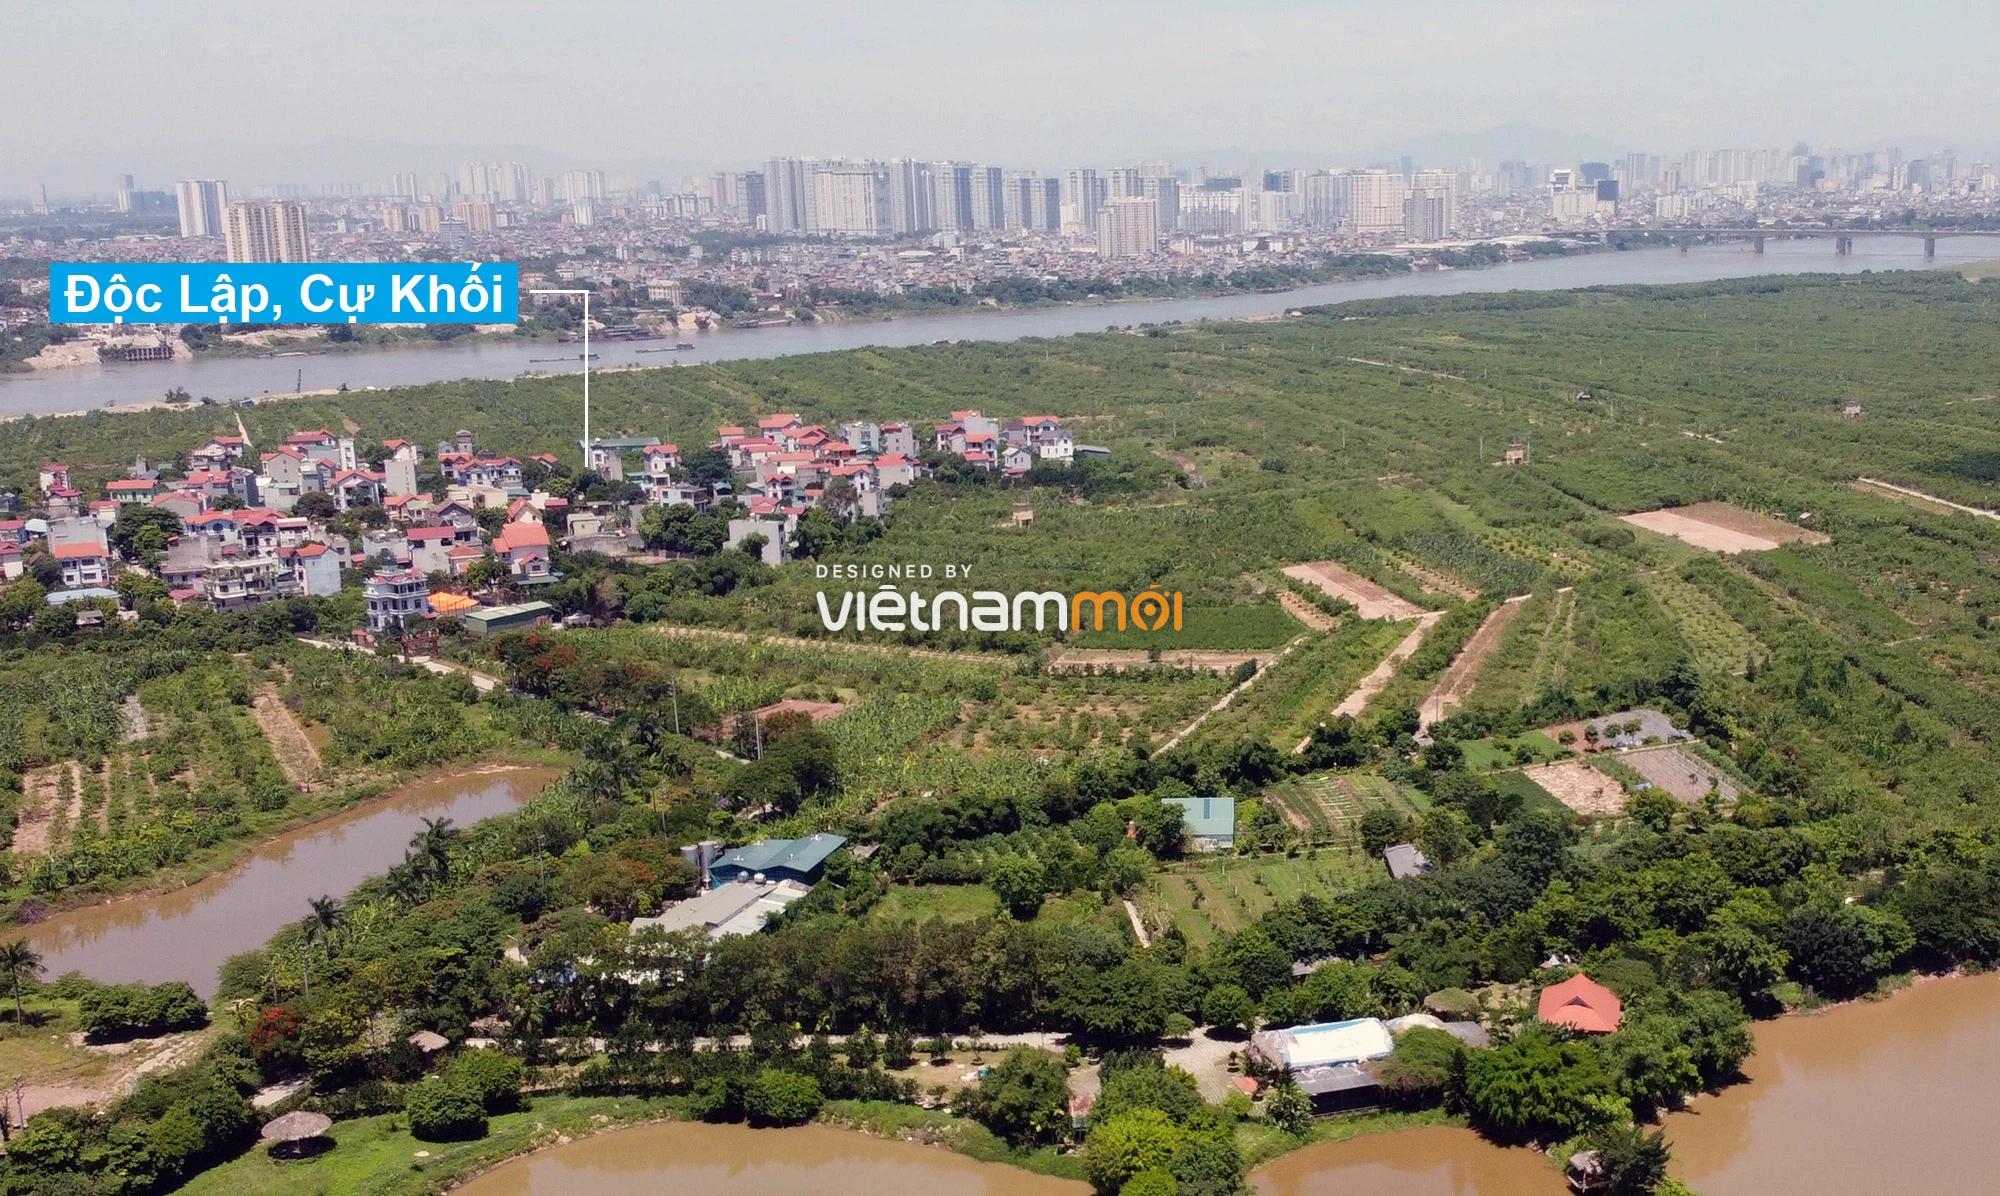 Hà Nội: Toàn cảnh hai bãi sông Hồng được phép xây dựng - Ảnh 20.